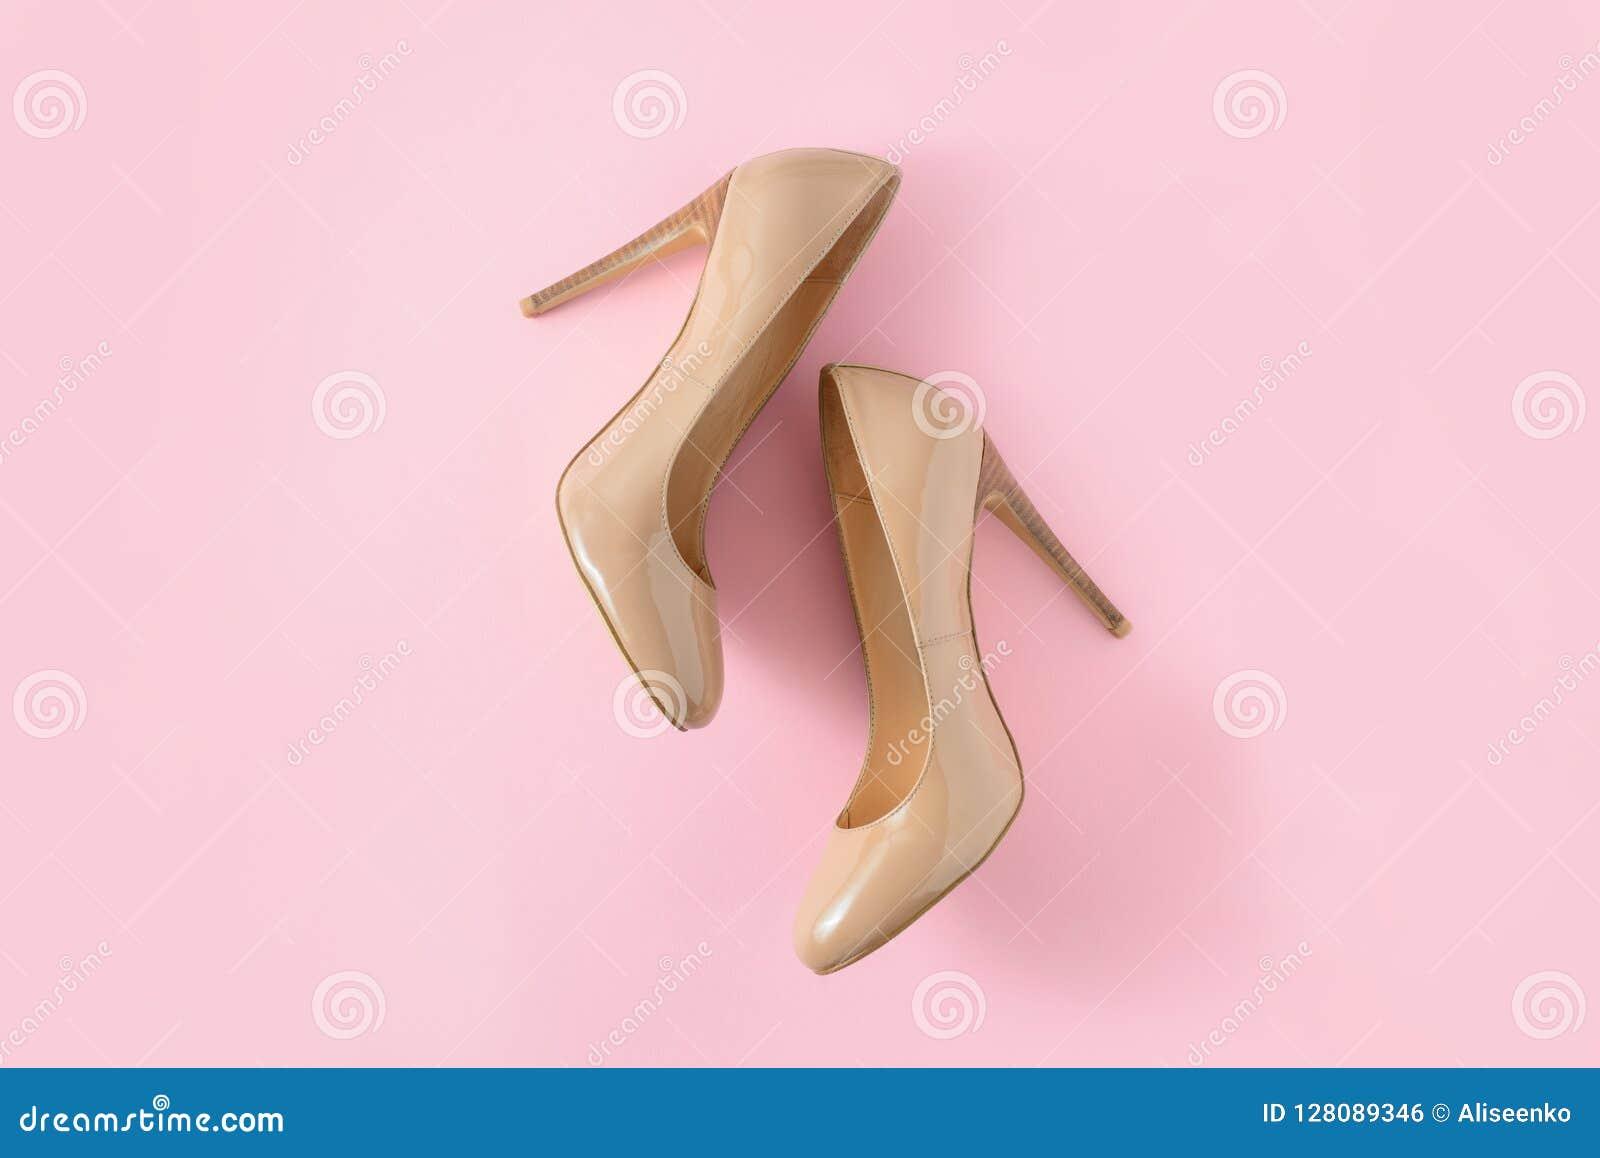 Sapatas bege do salto alto das mulheres no fundo cor-de-rosa Olhar do blogue da forma Vista superior, configuração lisa